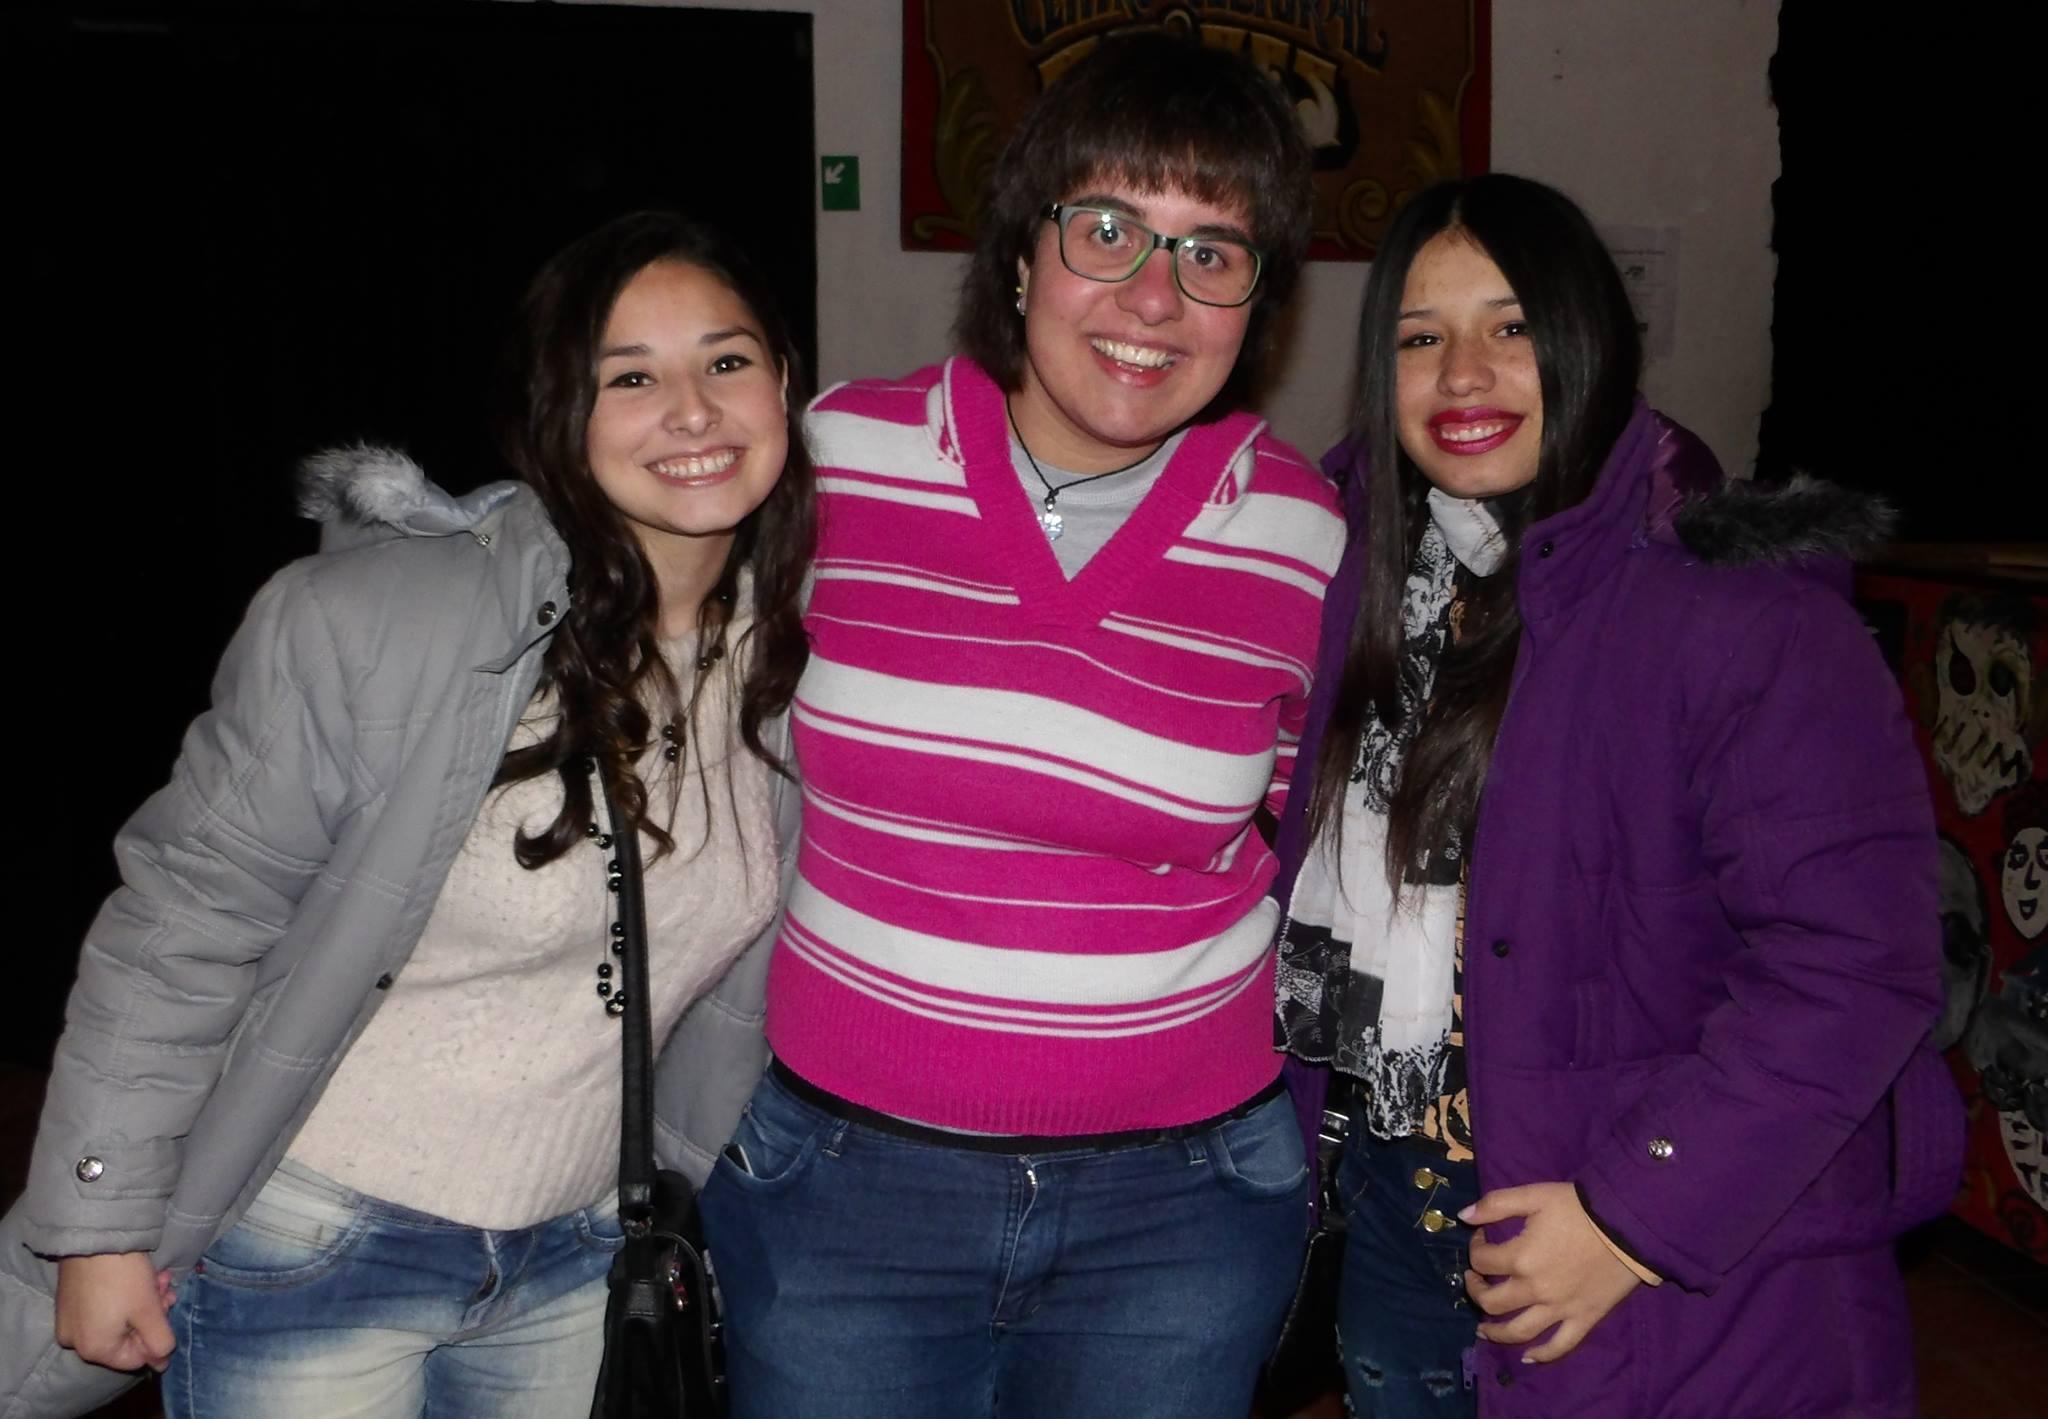 Ángeles Moro Munilla, Mailen Sayus y Lourdes Moro Munilla, actriz y codirectoras de la película, respectivamente.